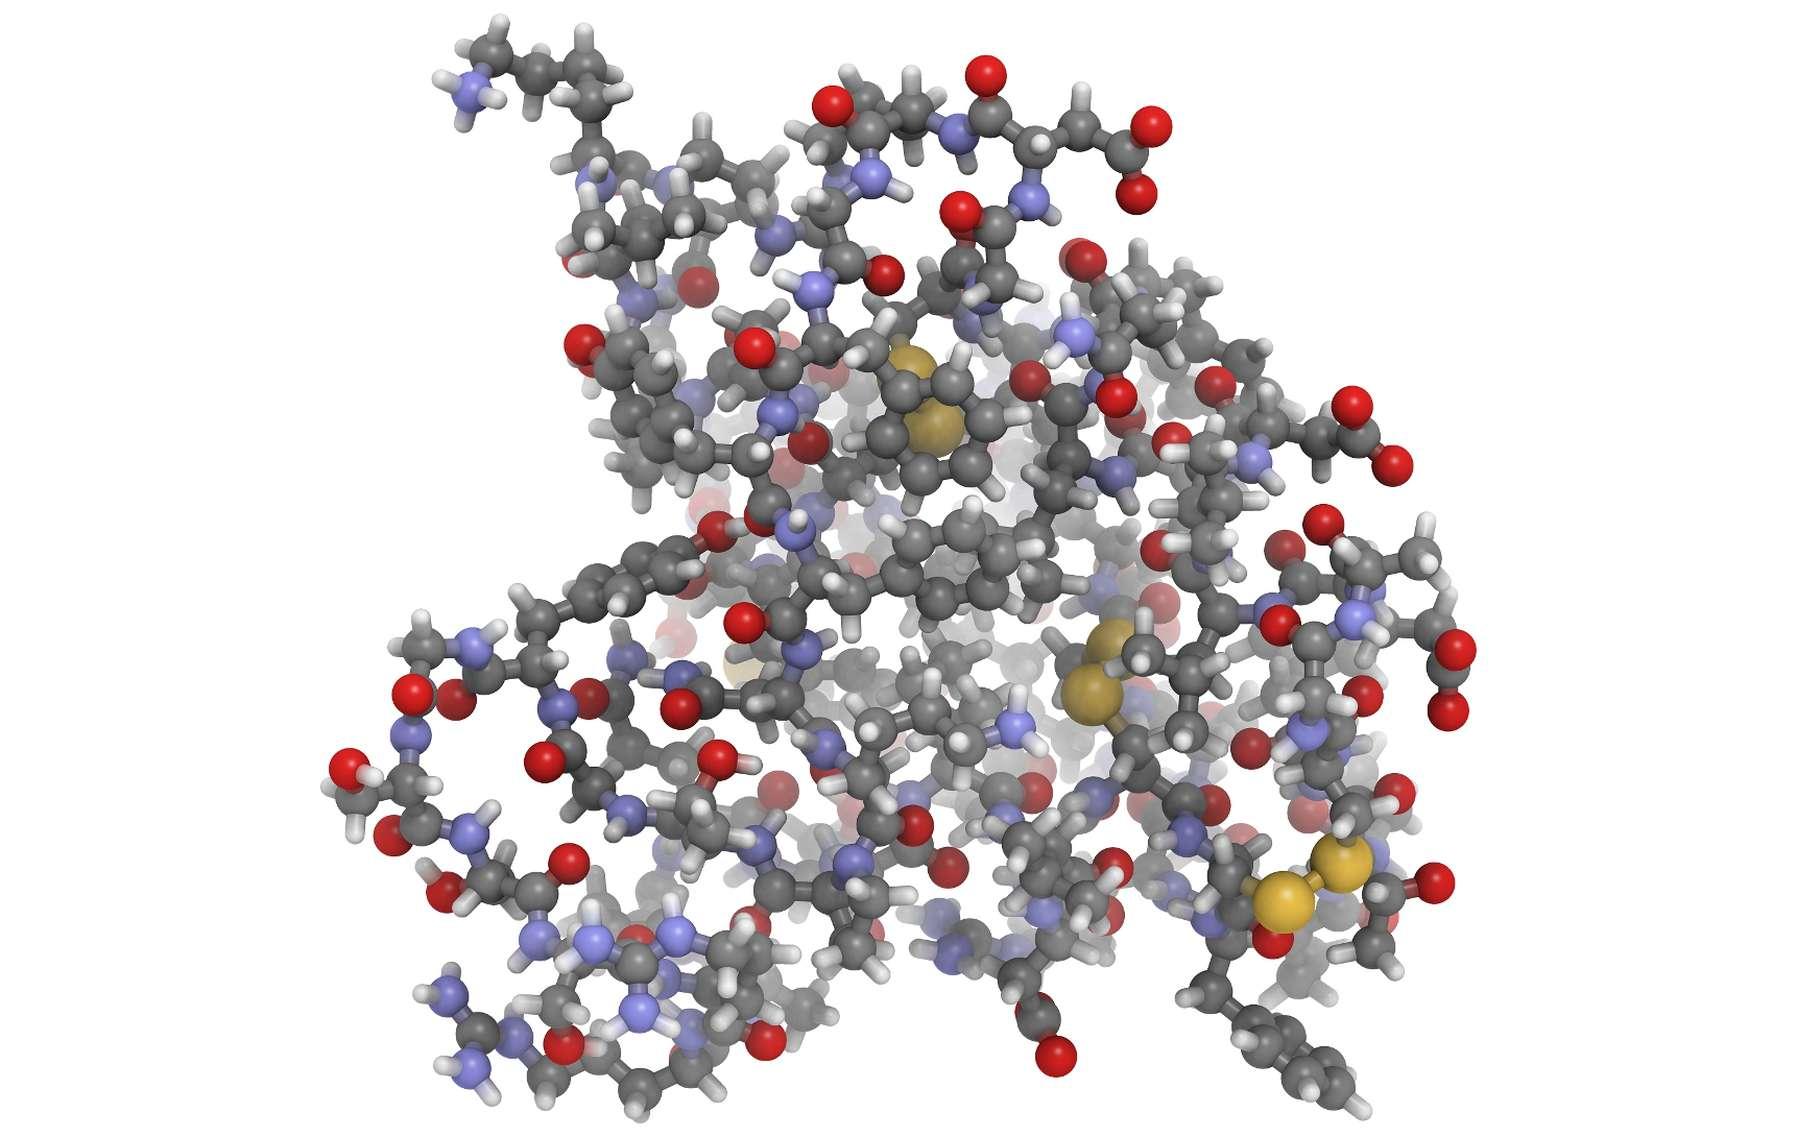 La structure de l'IGF-1 présente des points communs avec celle de la proinsuline. © molekuul_be, Shutterstock